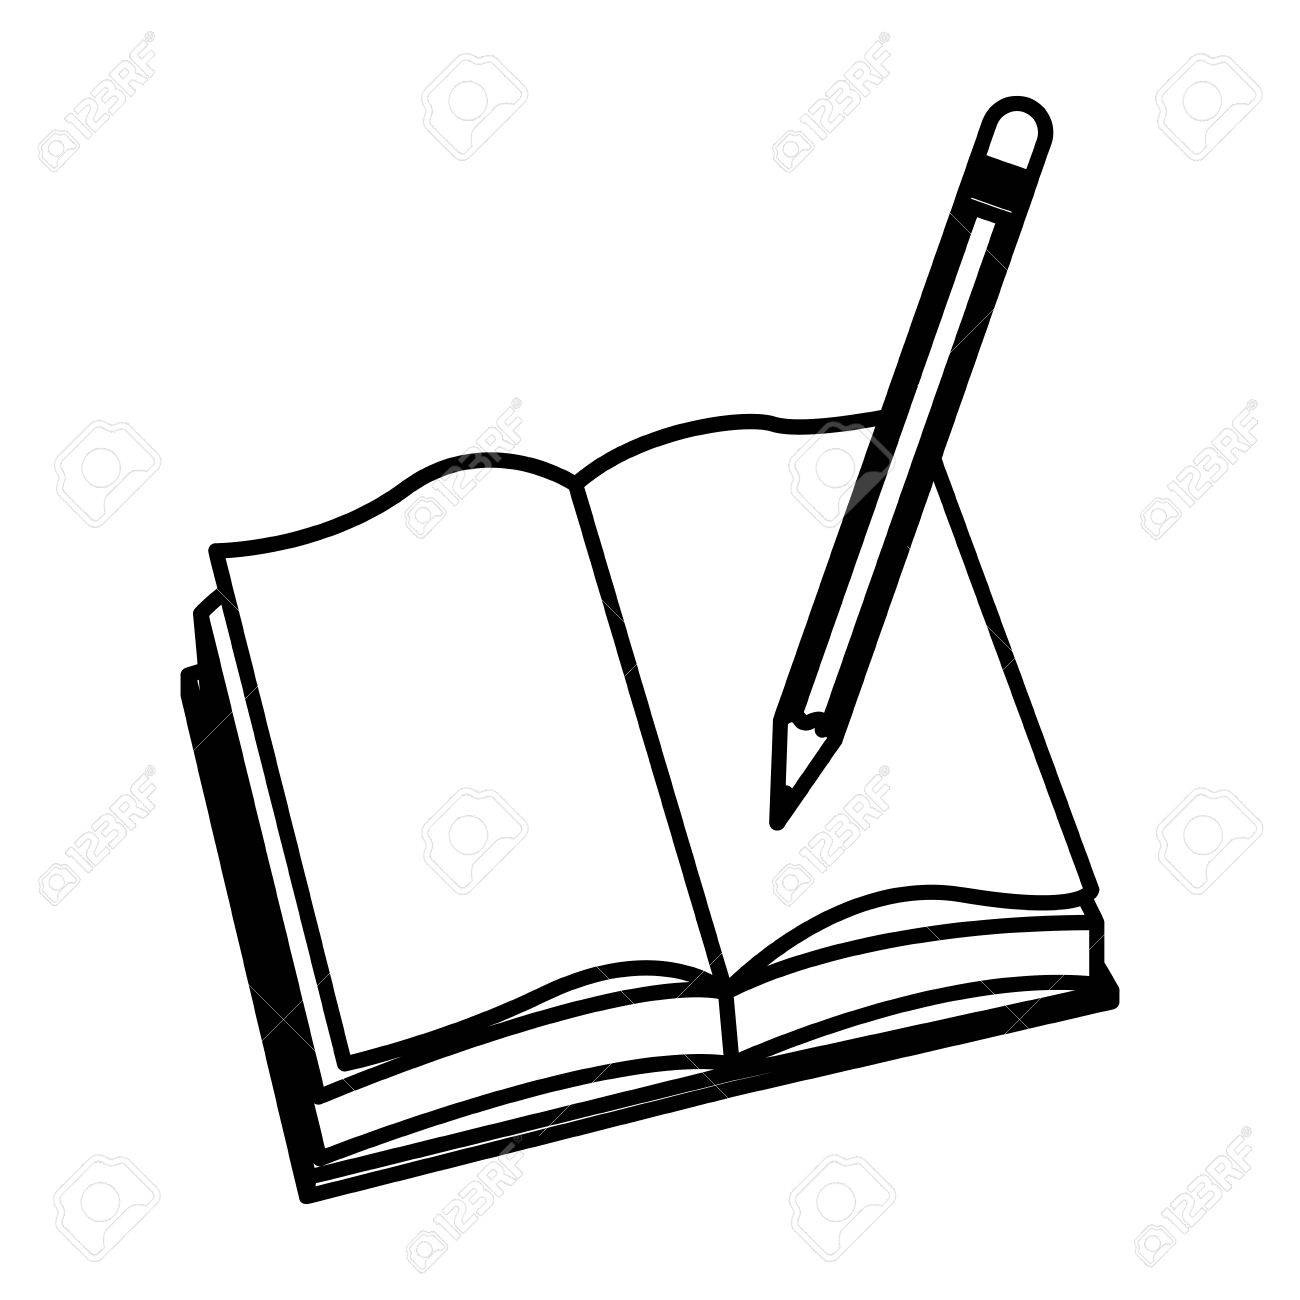 Open book pencil.